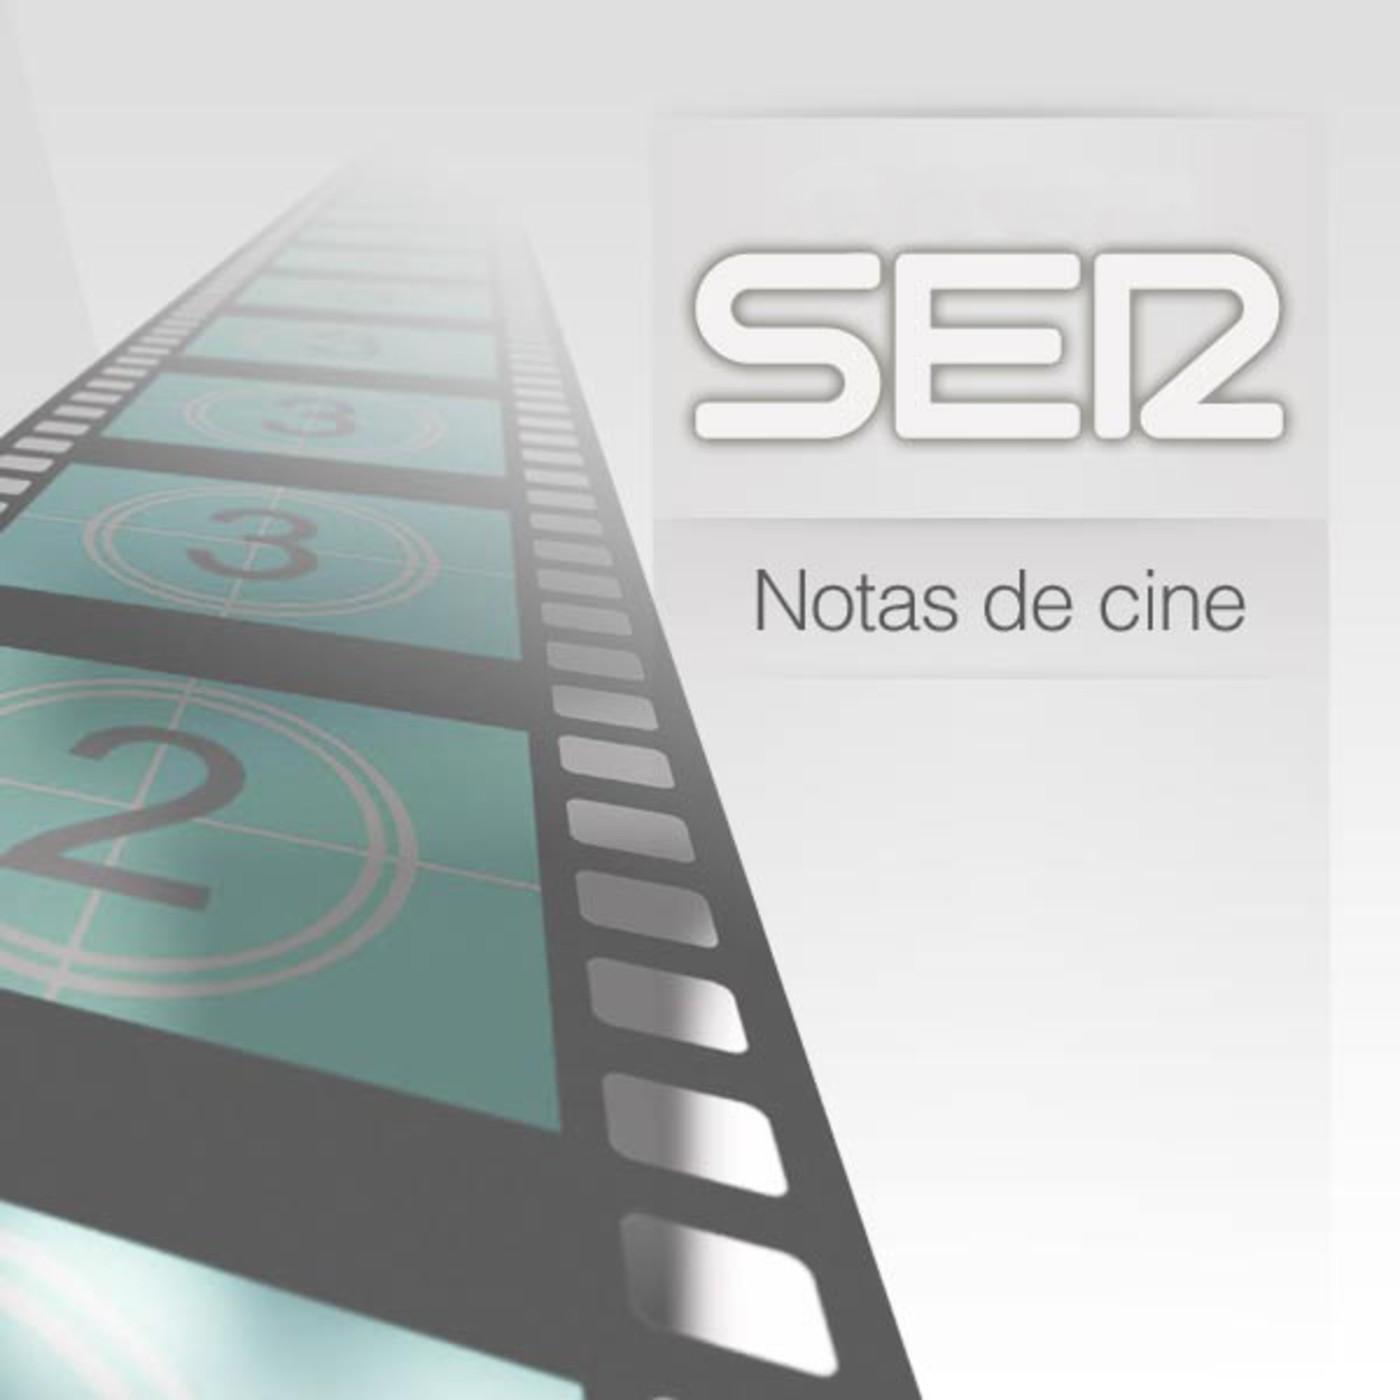 Notas de Cine (28/12/2014)